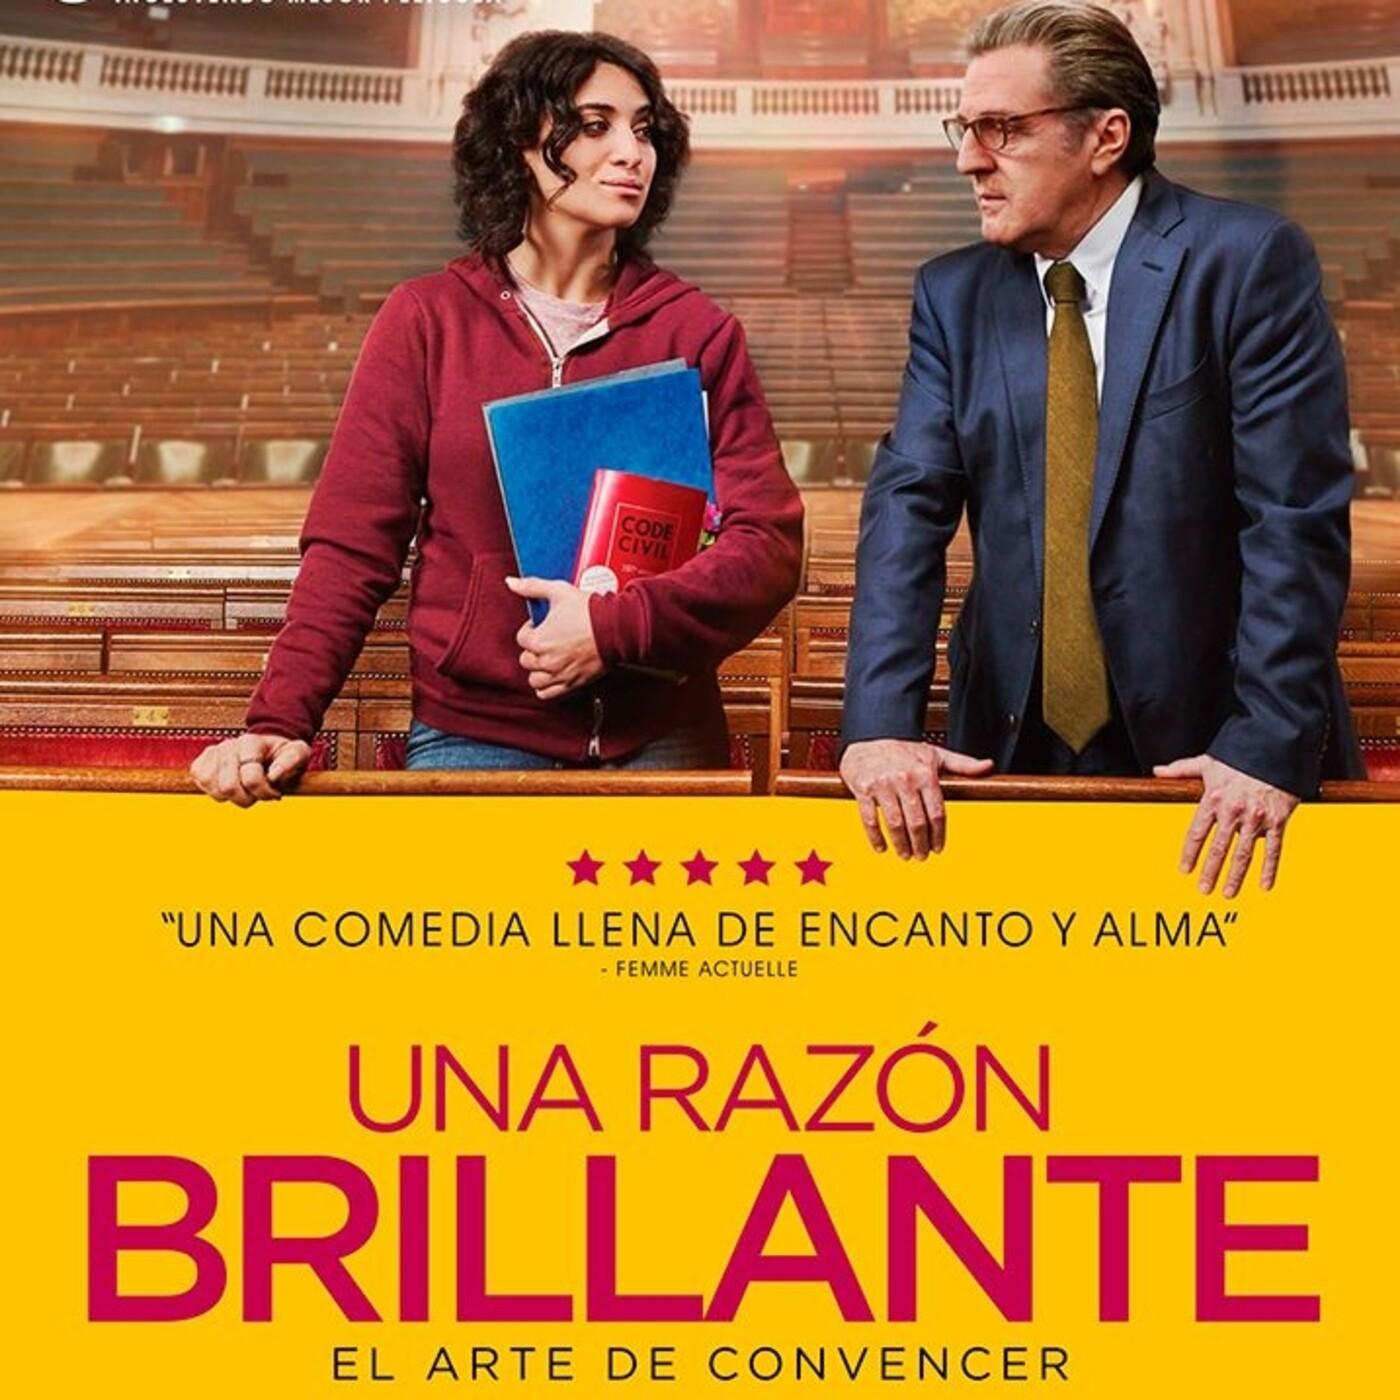 Una Razón Brillante (2017) #Enseñanza #ComediaDramática #peliculas #podcast #audesc